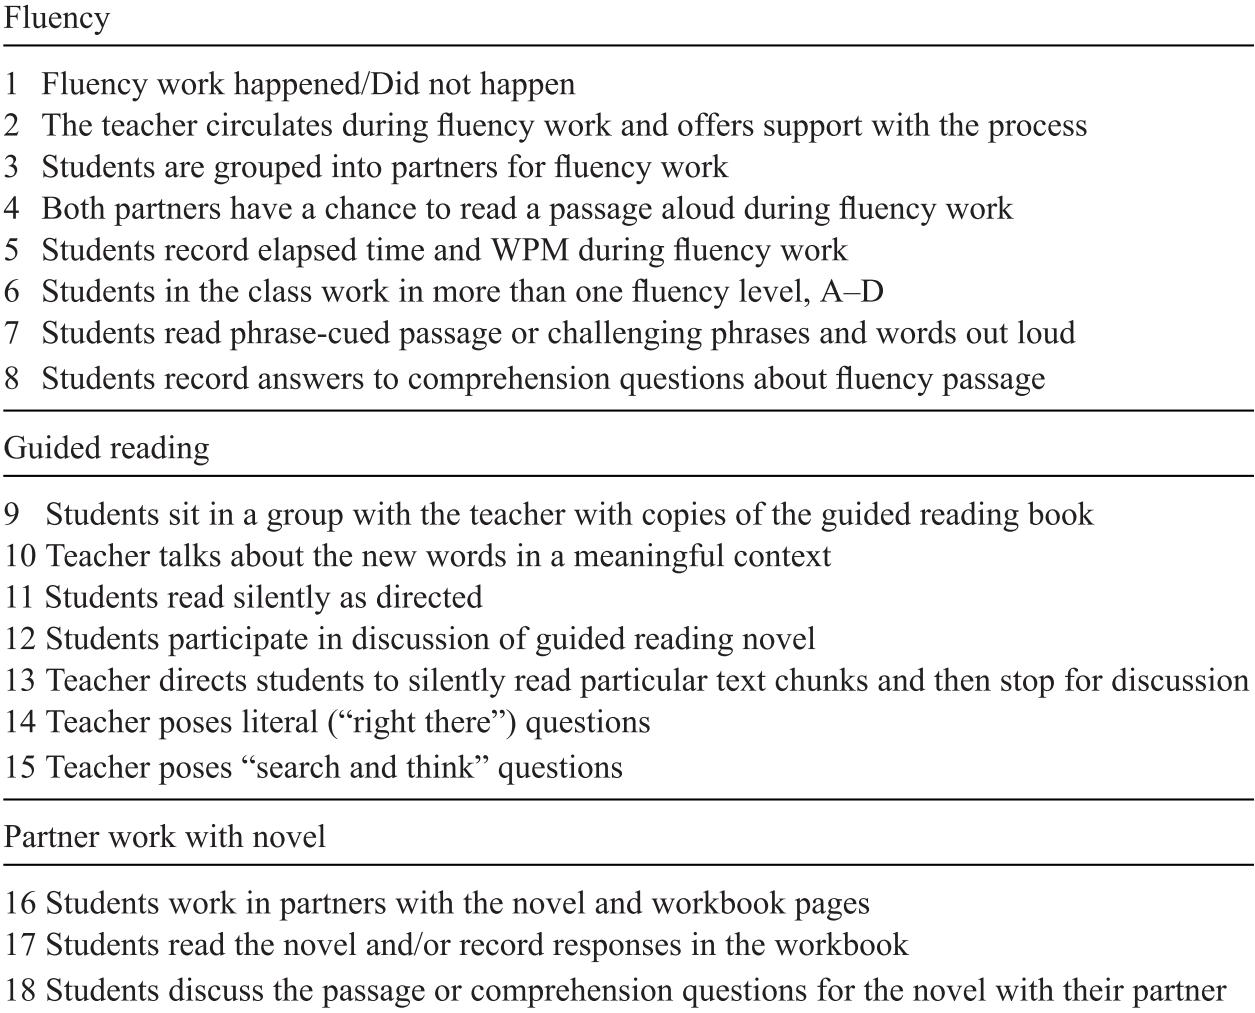 Improving Struggling Readers' Literacy Skills through Talk